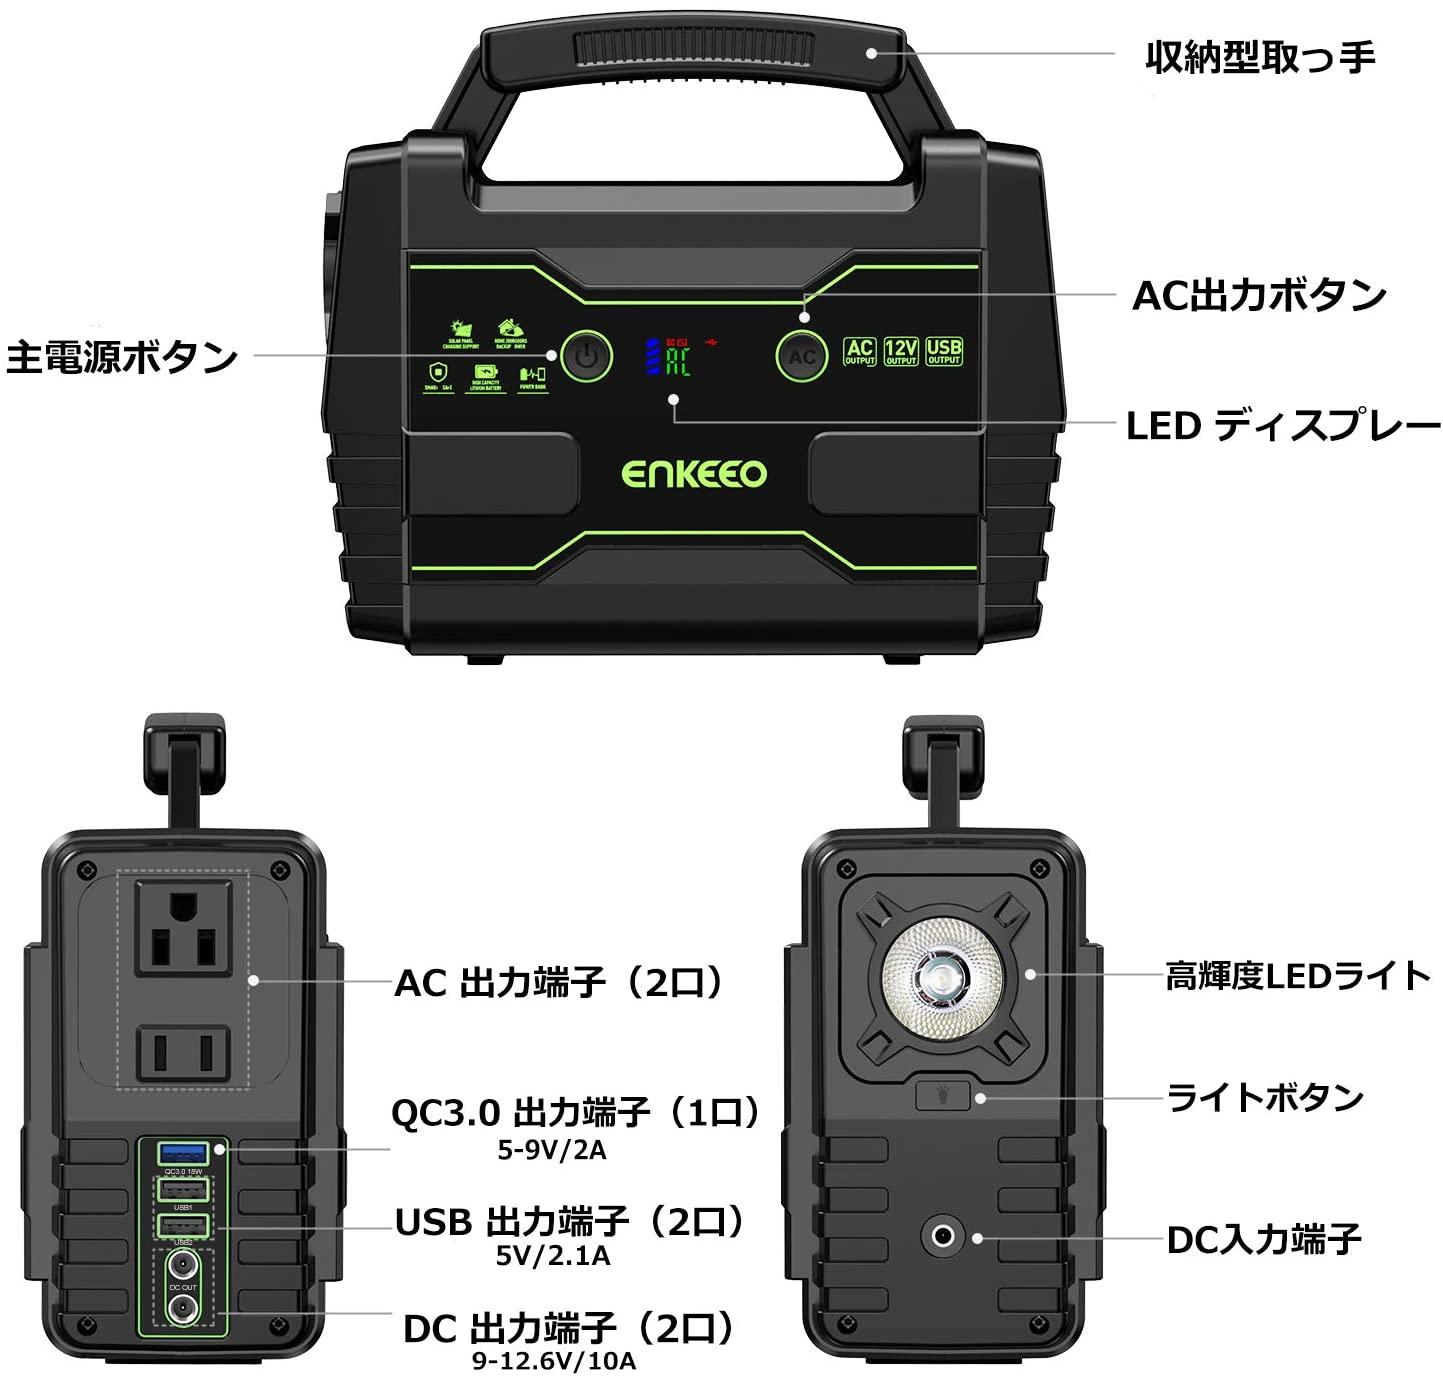 enkeeo ポータブル電源(42000mAh/155Wh 、AC100V x2口、USBx3口)